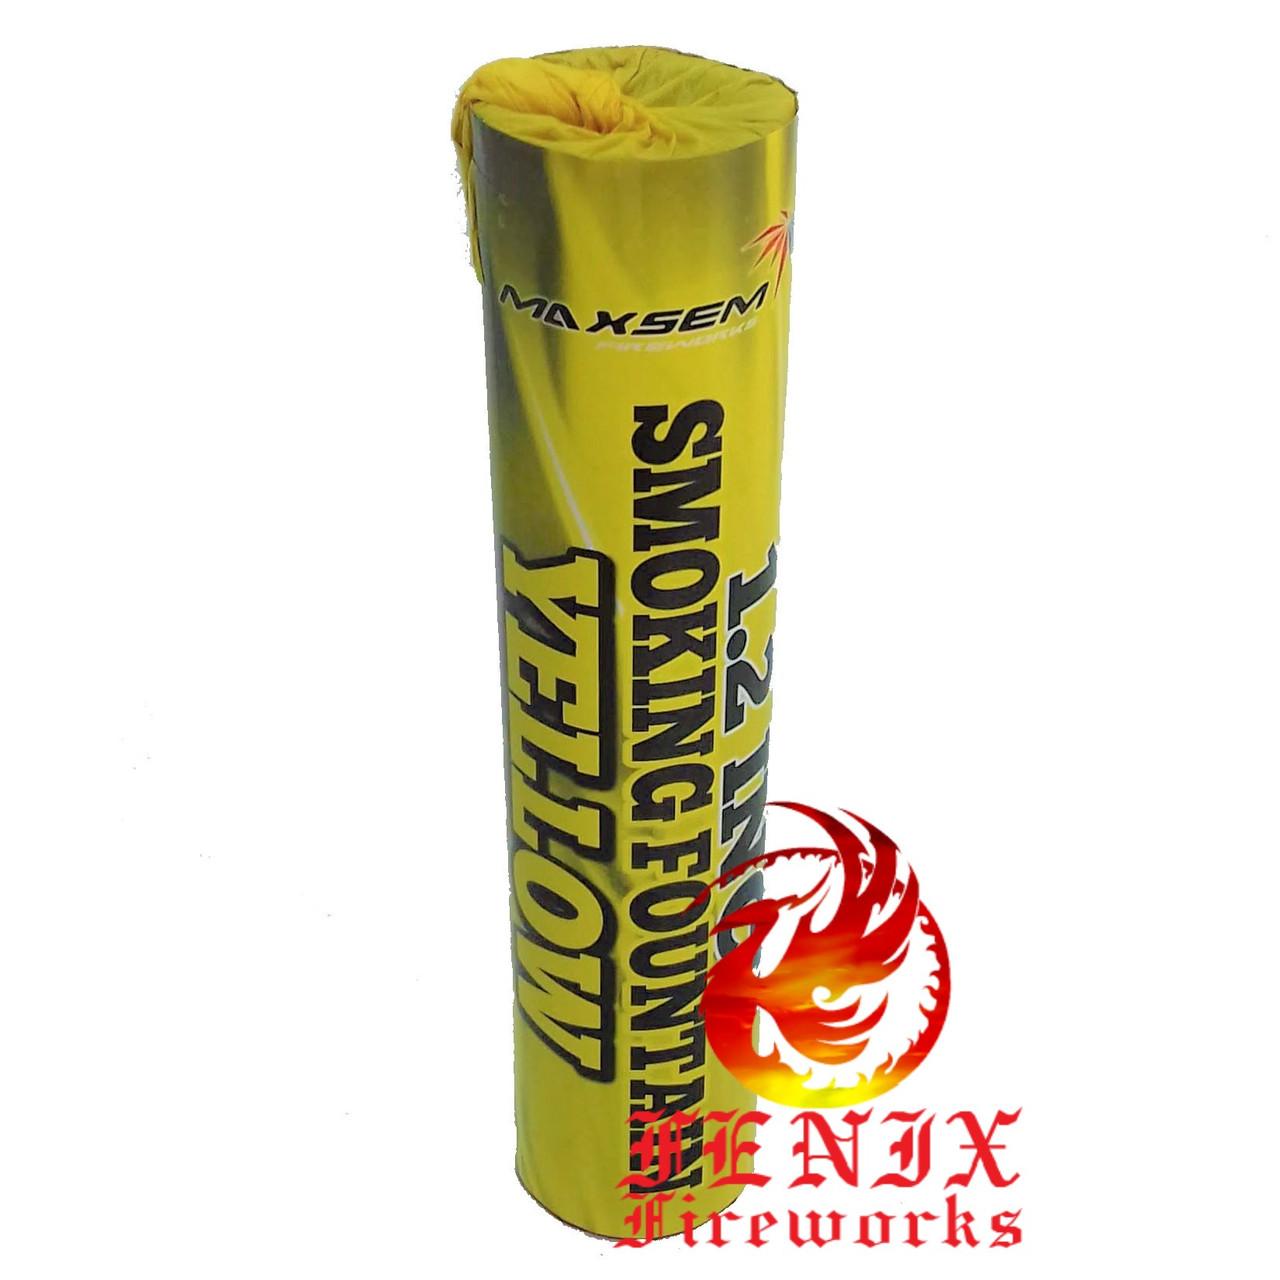 ЦВЕТНОЙ ДЫМ ЖЕЛТЫЙ ГУСТОЙ (Дымовая шашка профессиональная) Smoke Bombs 60секунд MA0513/Y